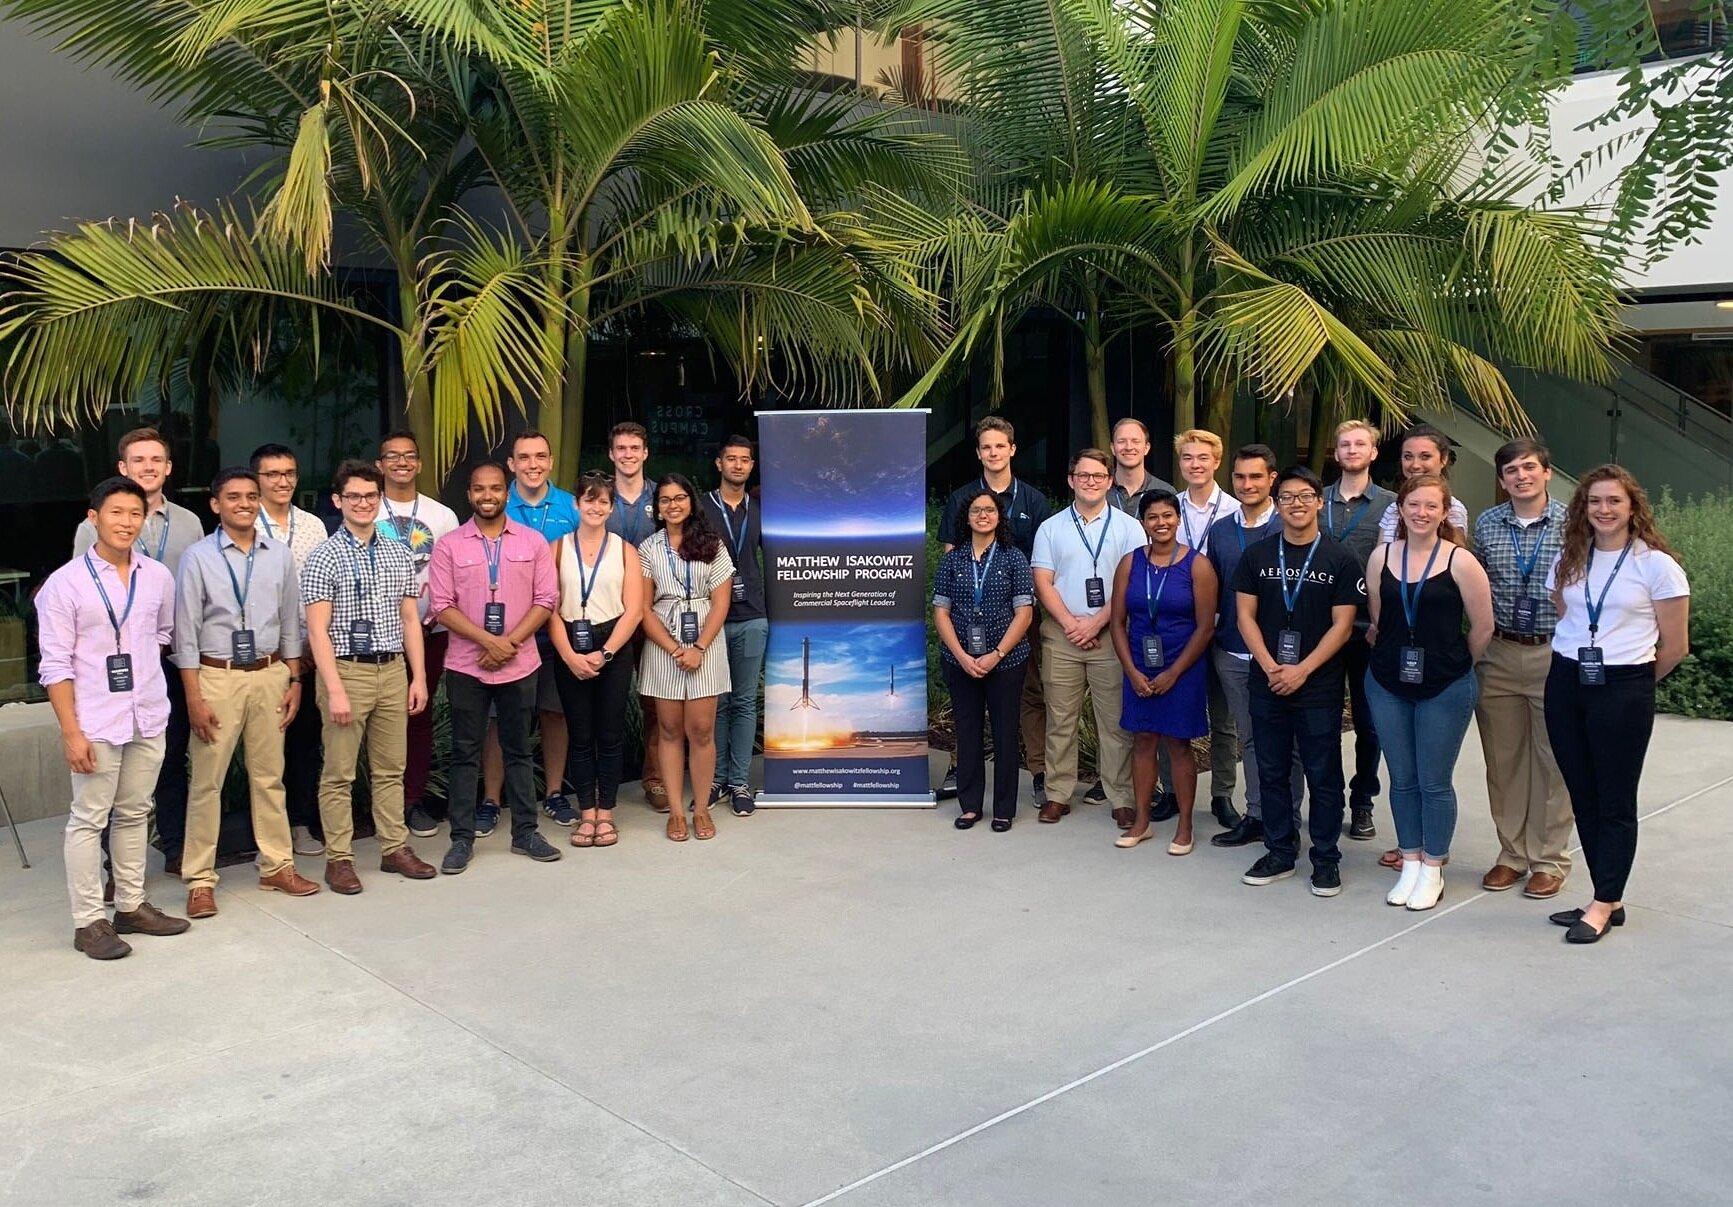 2019 Class of Matthew Isakowitz Fellows